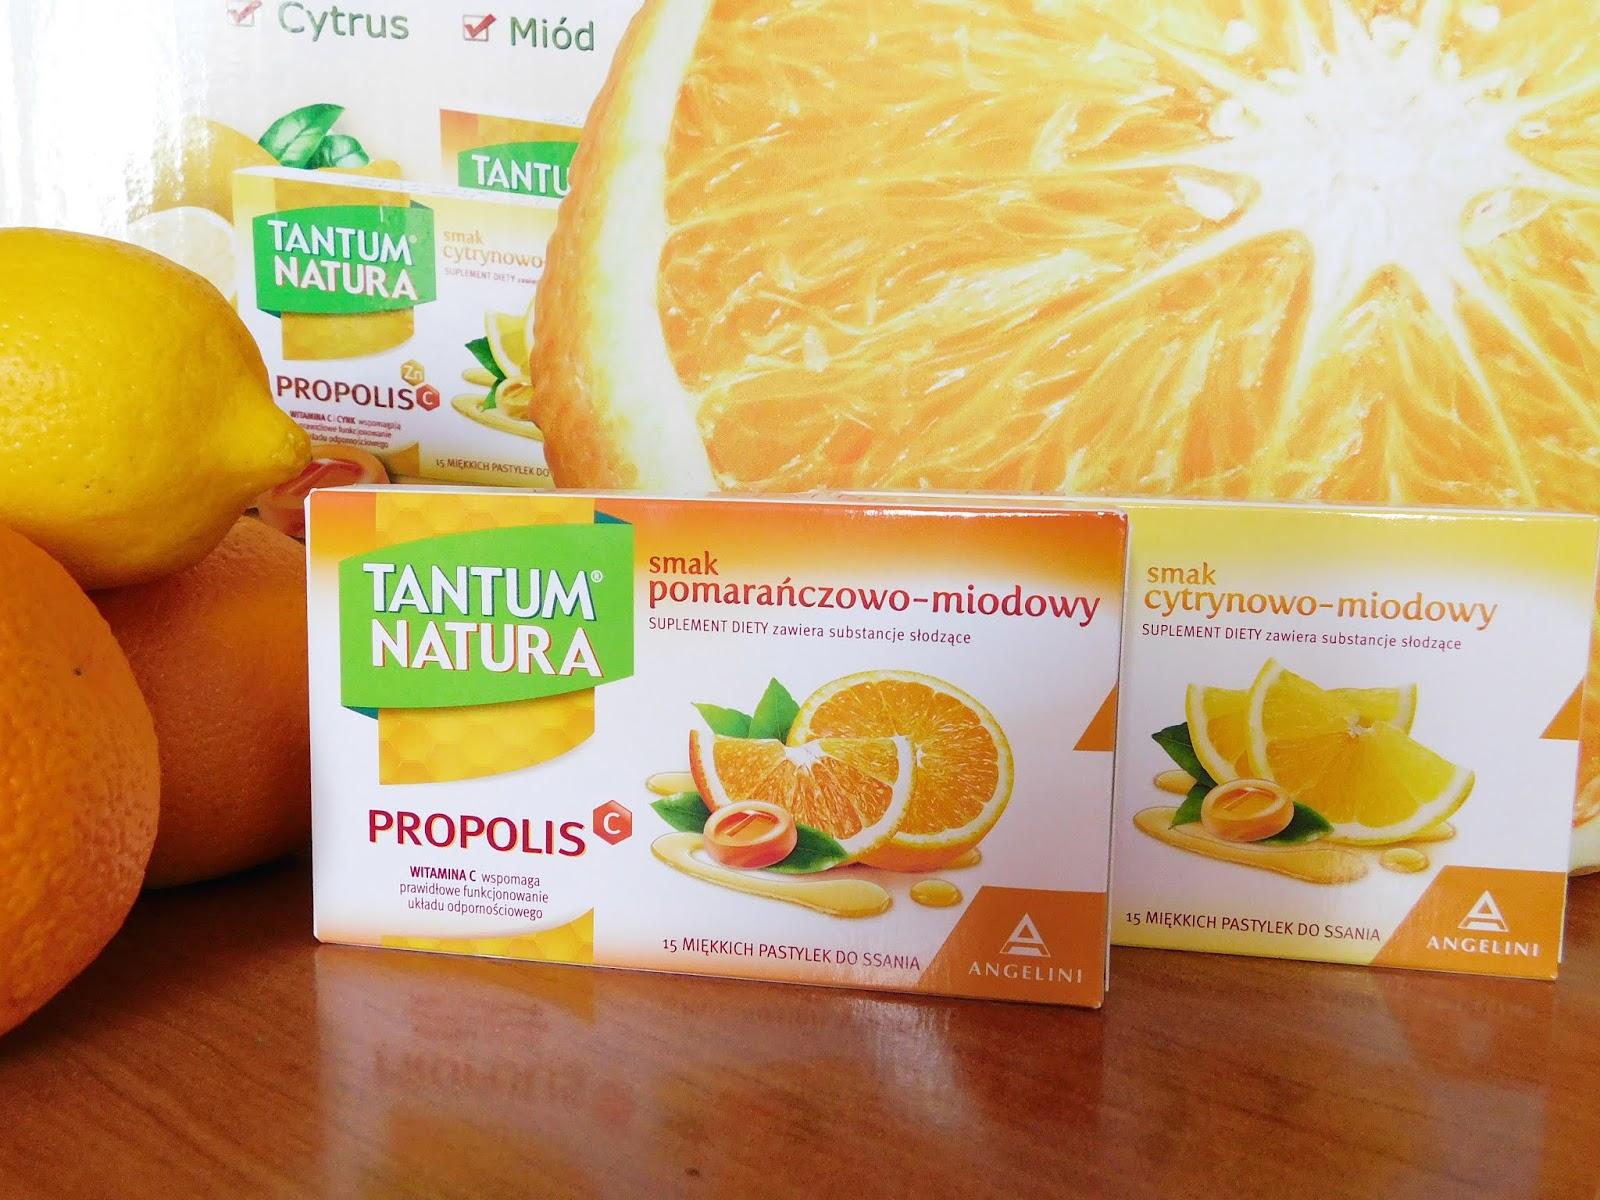 Pastylki Tantum Natura - naturalne wspomaganie prawidłowego funkcjonowania układu odpornościowego.